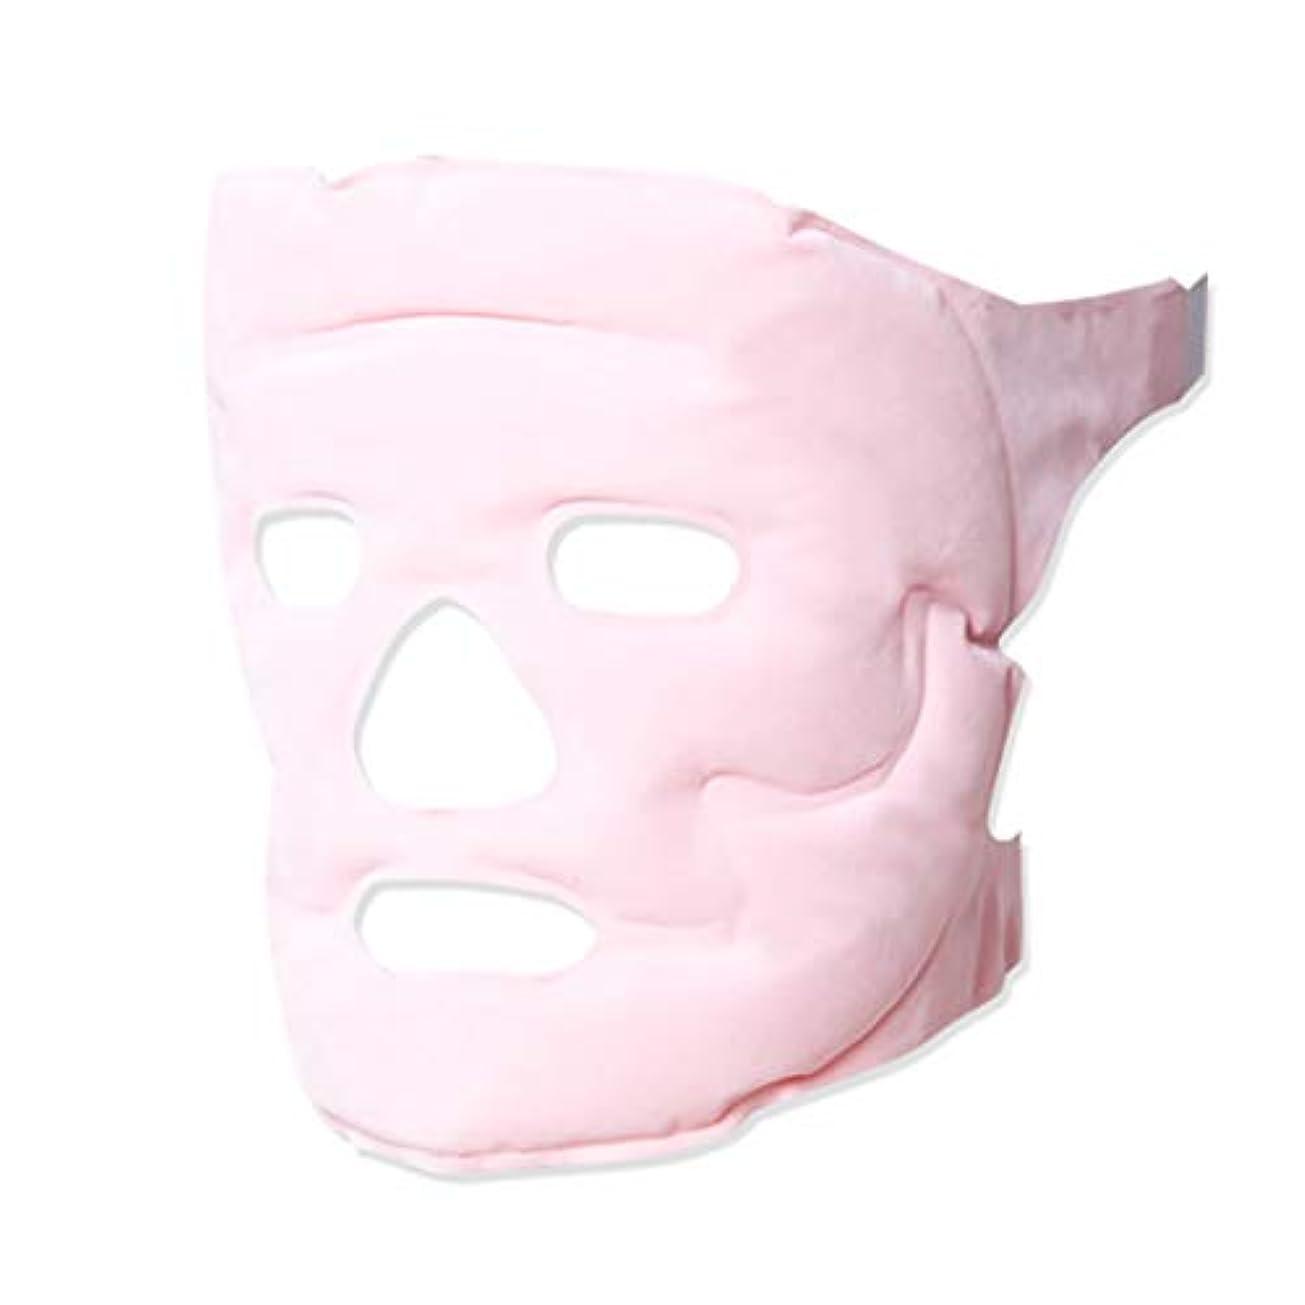 瞑想する評価可能炎上Vフェイスマスク睡眠薄い顔美容マスク磁気療法持ち上がる引き締め判決パターン包帯アーティファクトピンク